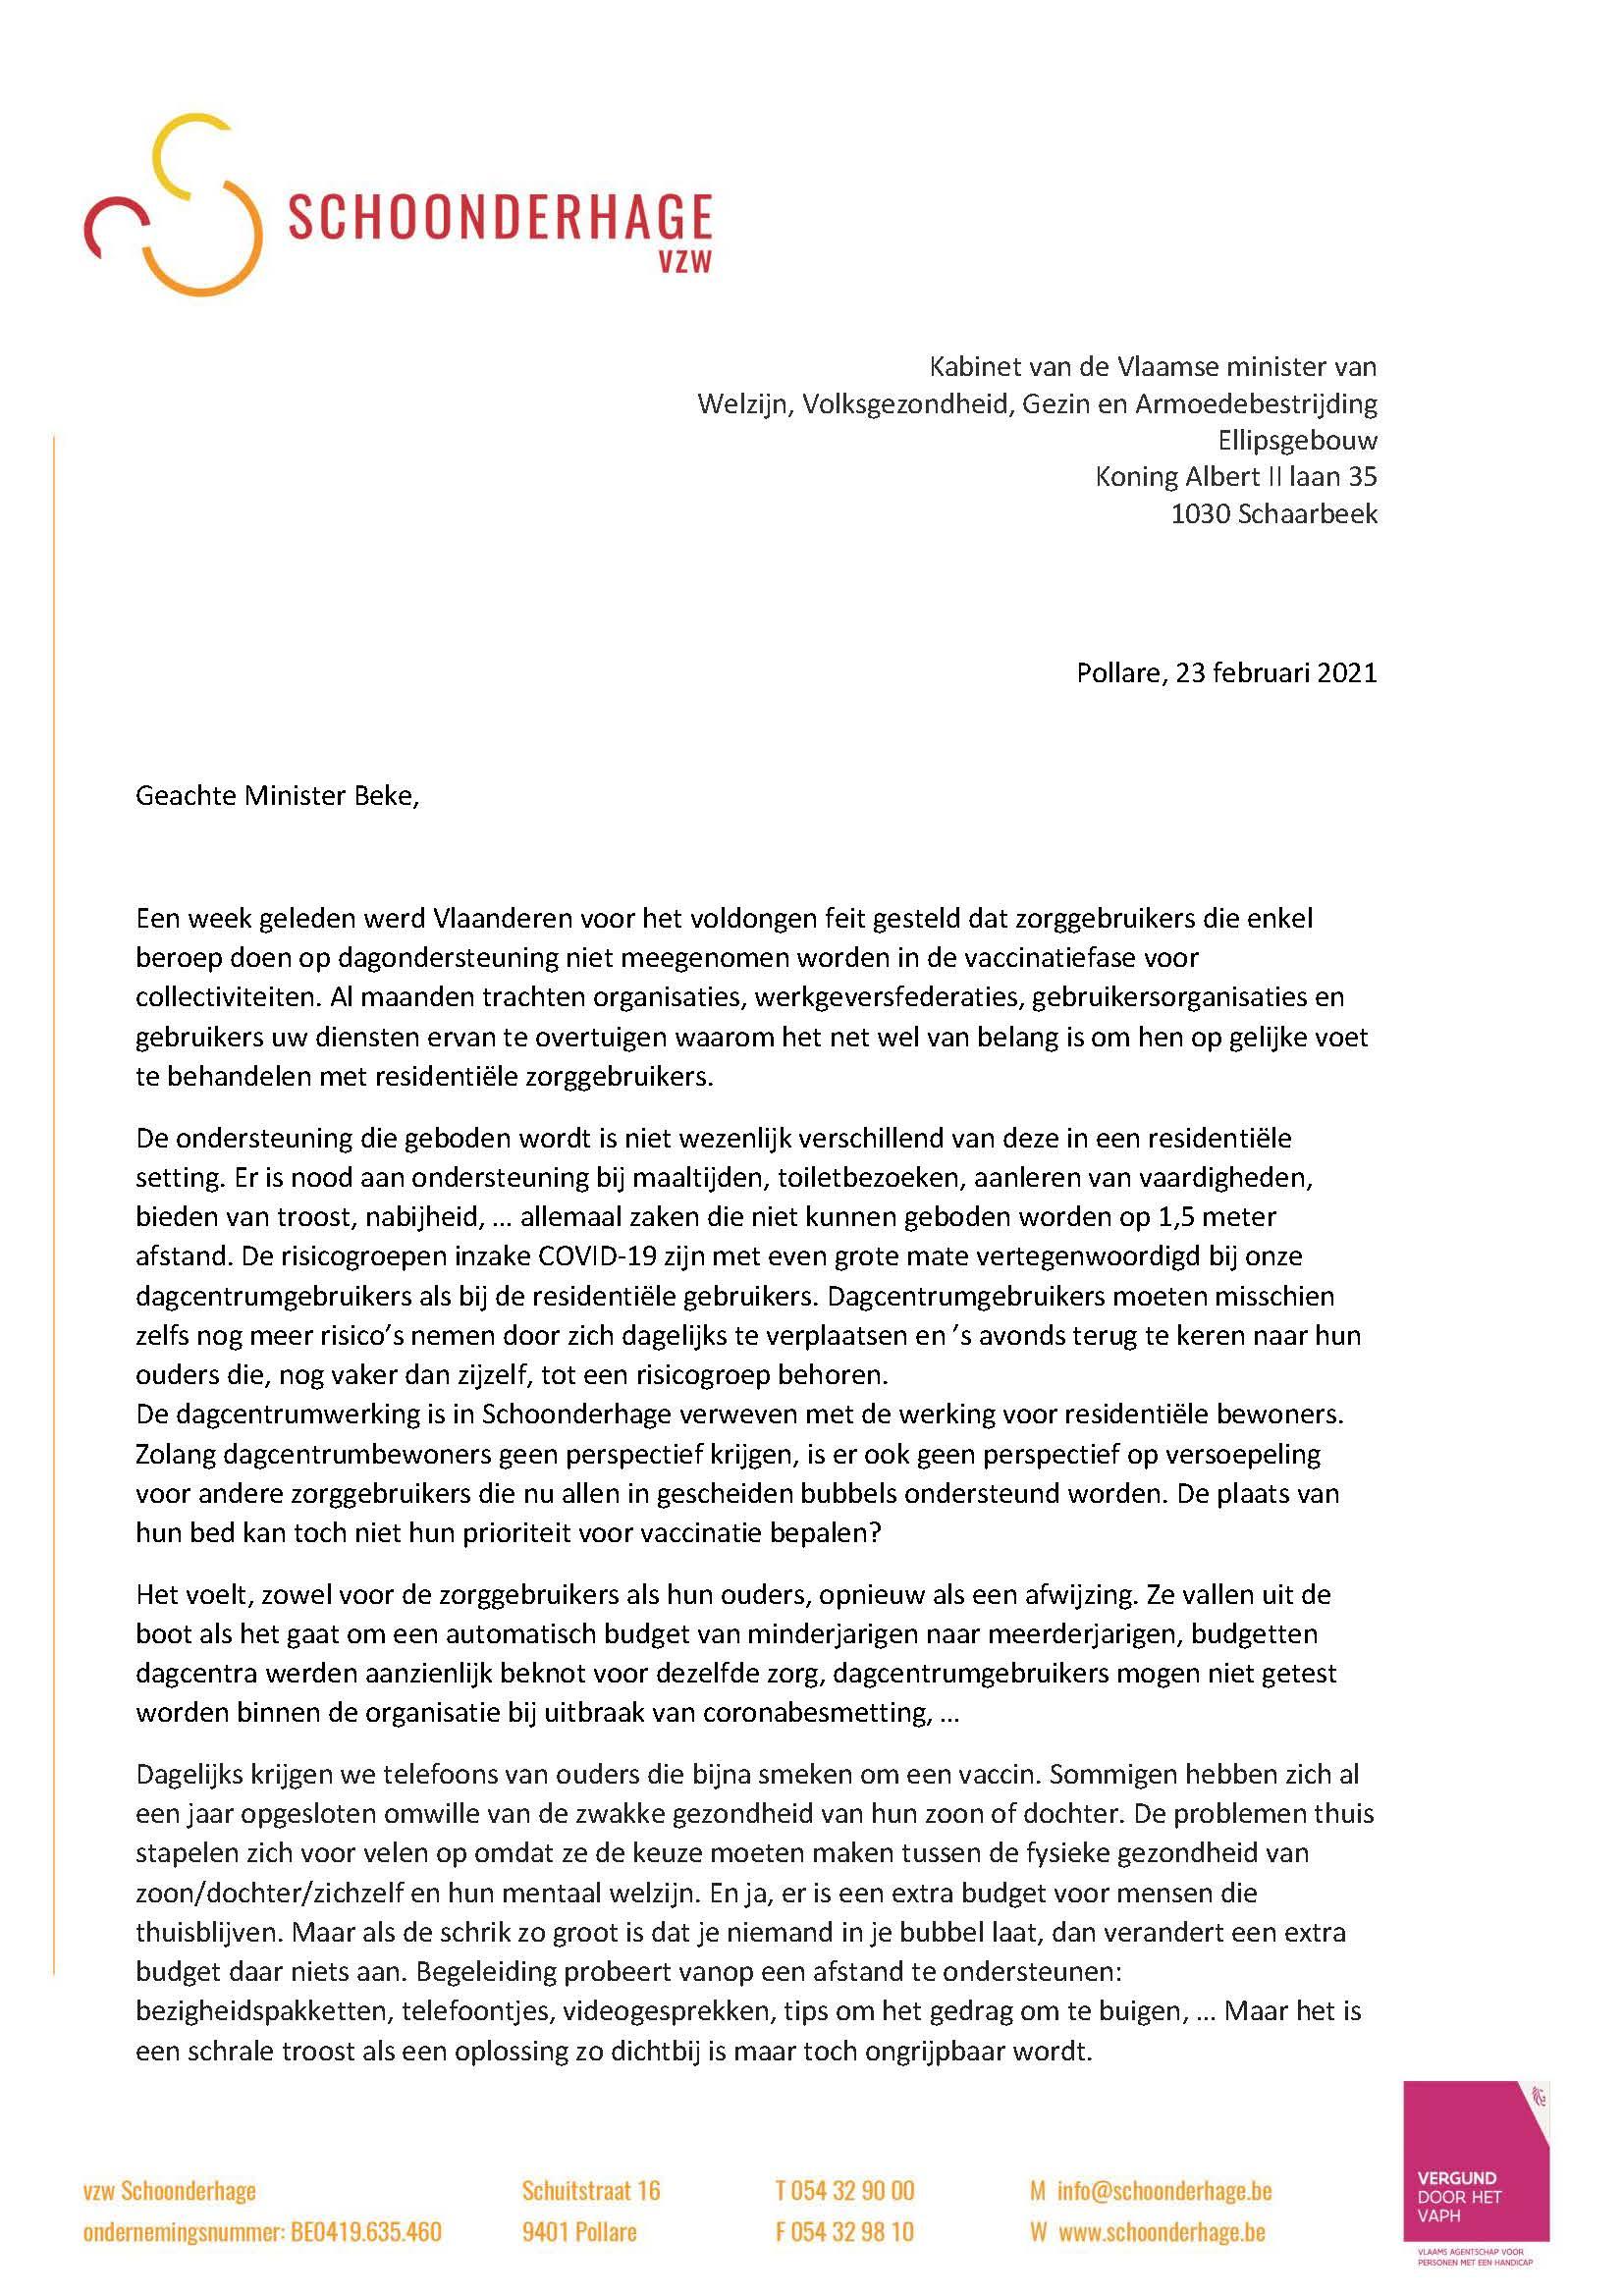 Brief Schoonderhage vzw kabinet Vlaams Minister Beke_Pagina_1